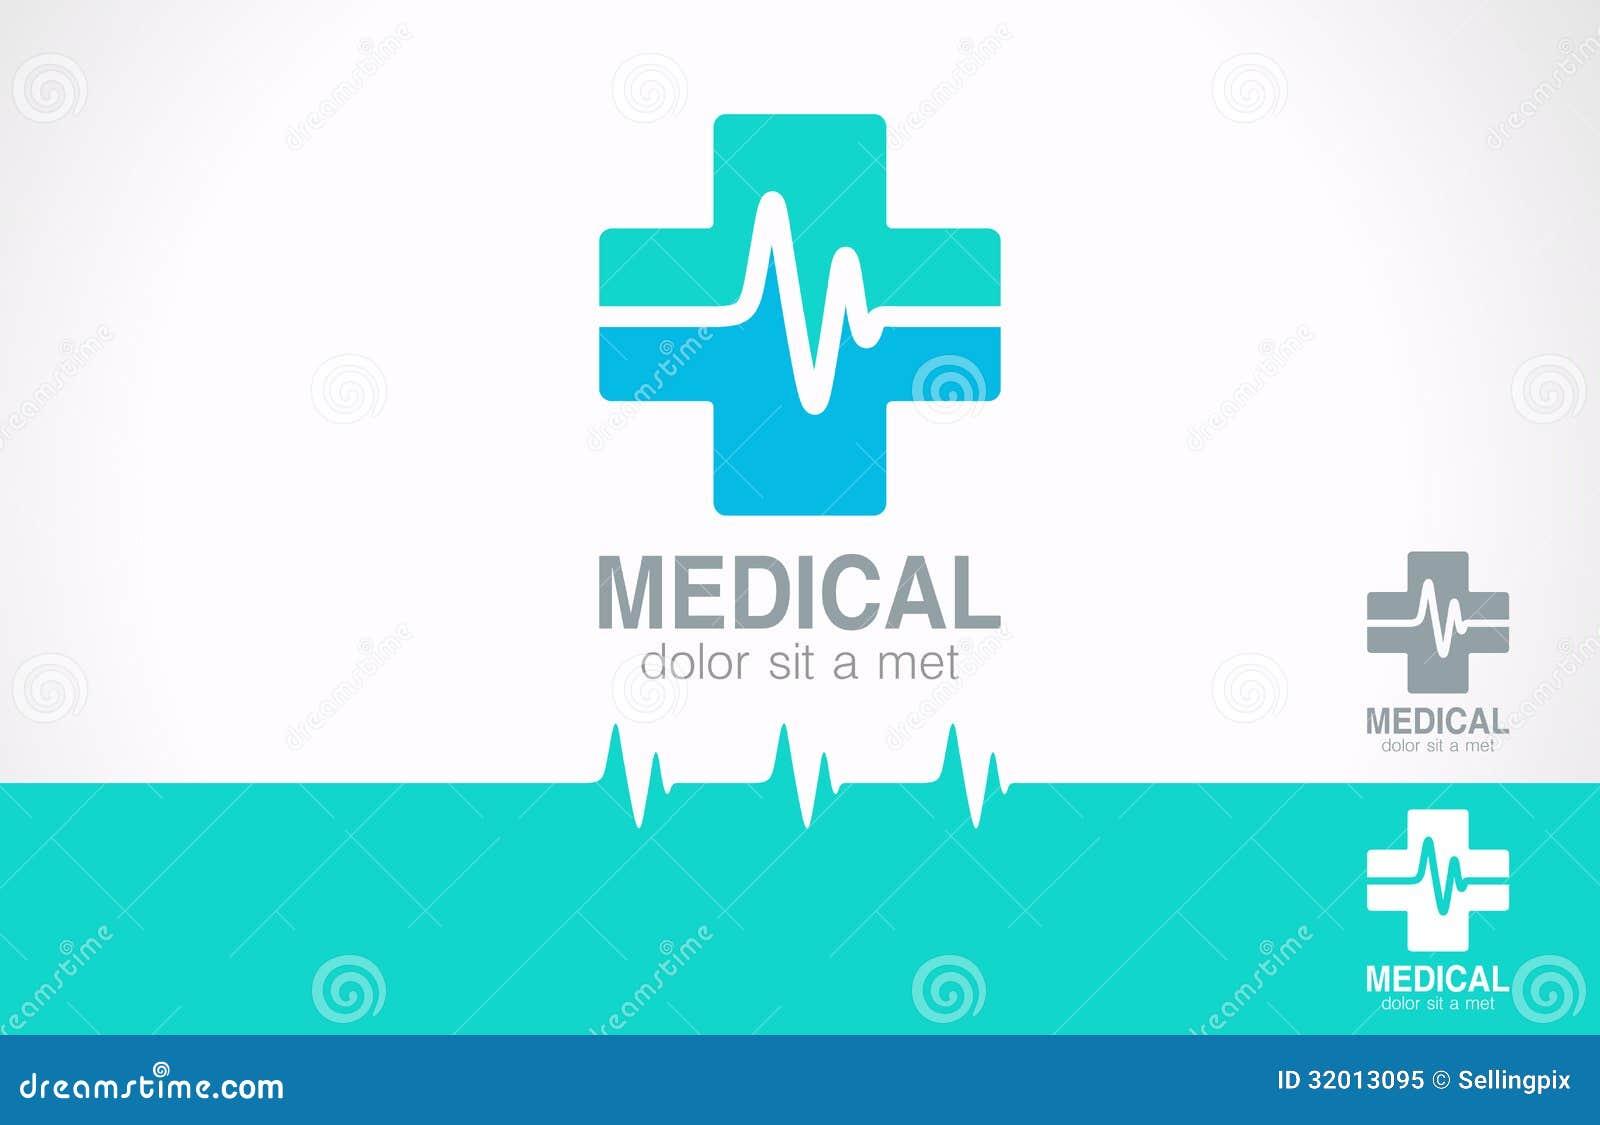 Top Logo Design » Healthcare Logo Design Ideas - Creative Logo ...